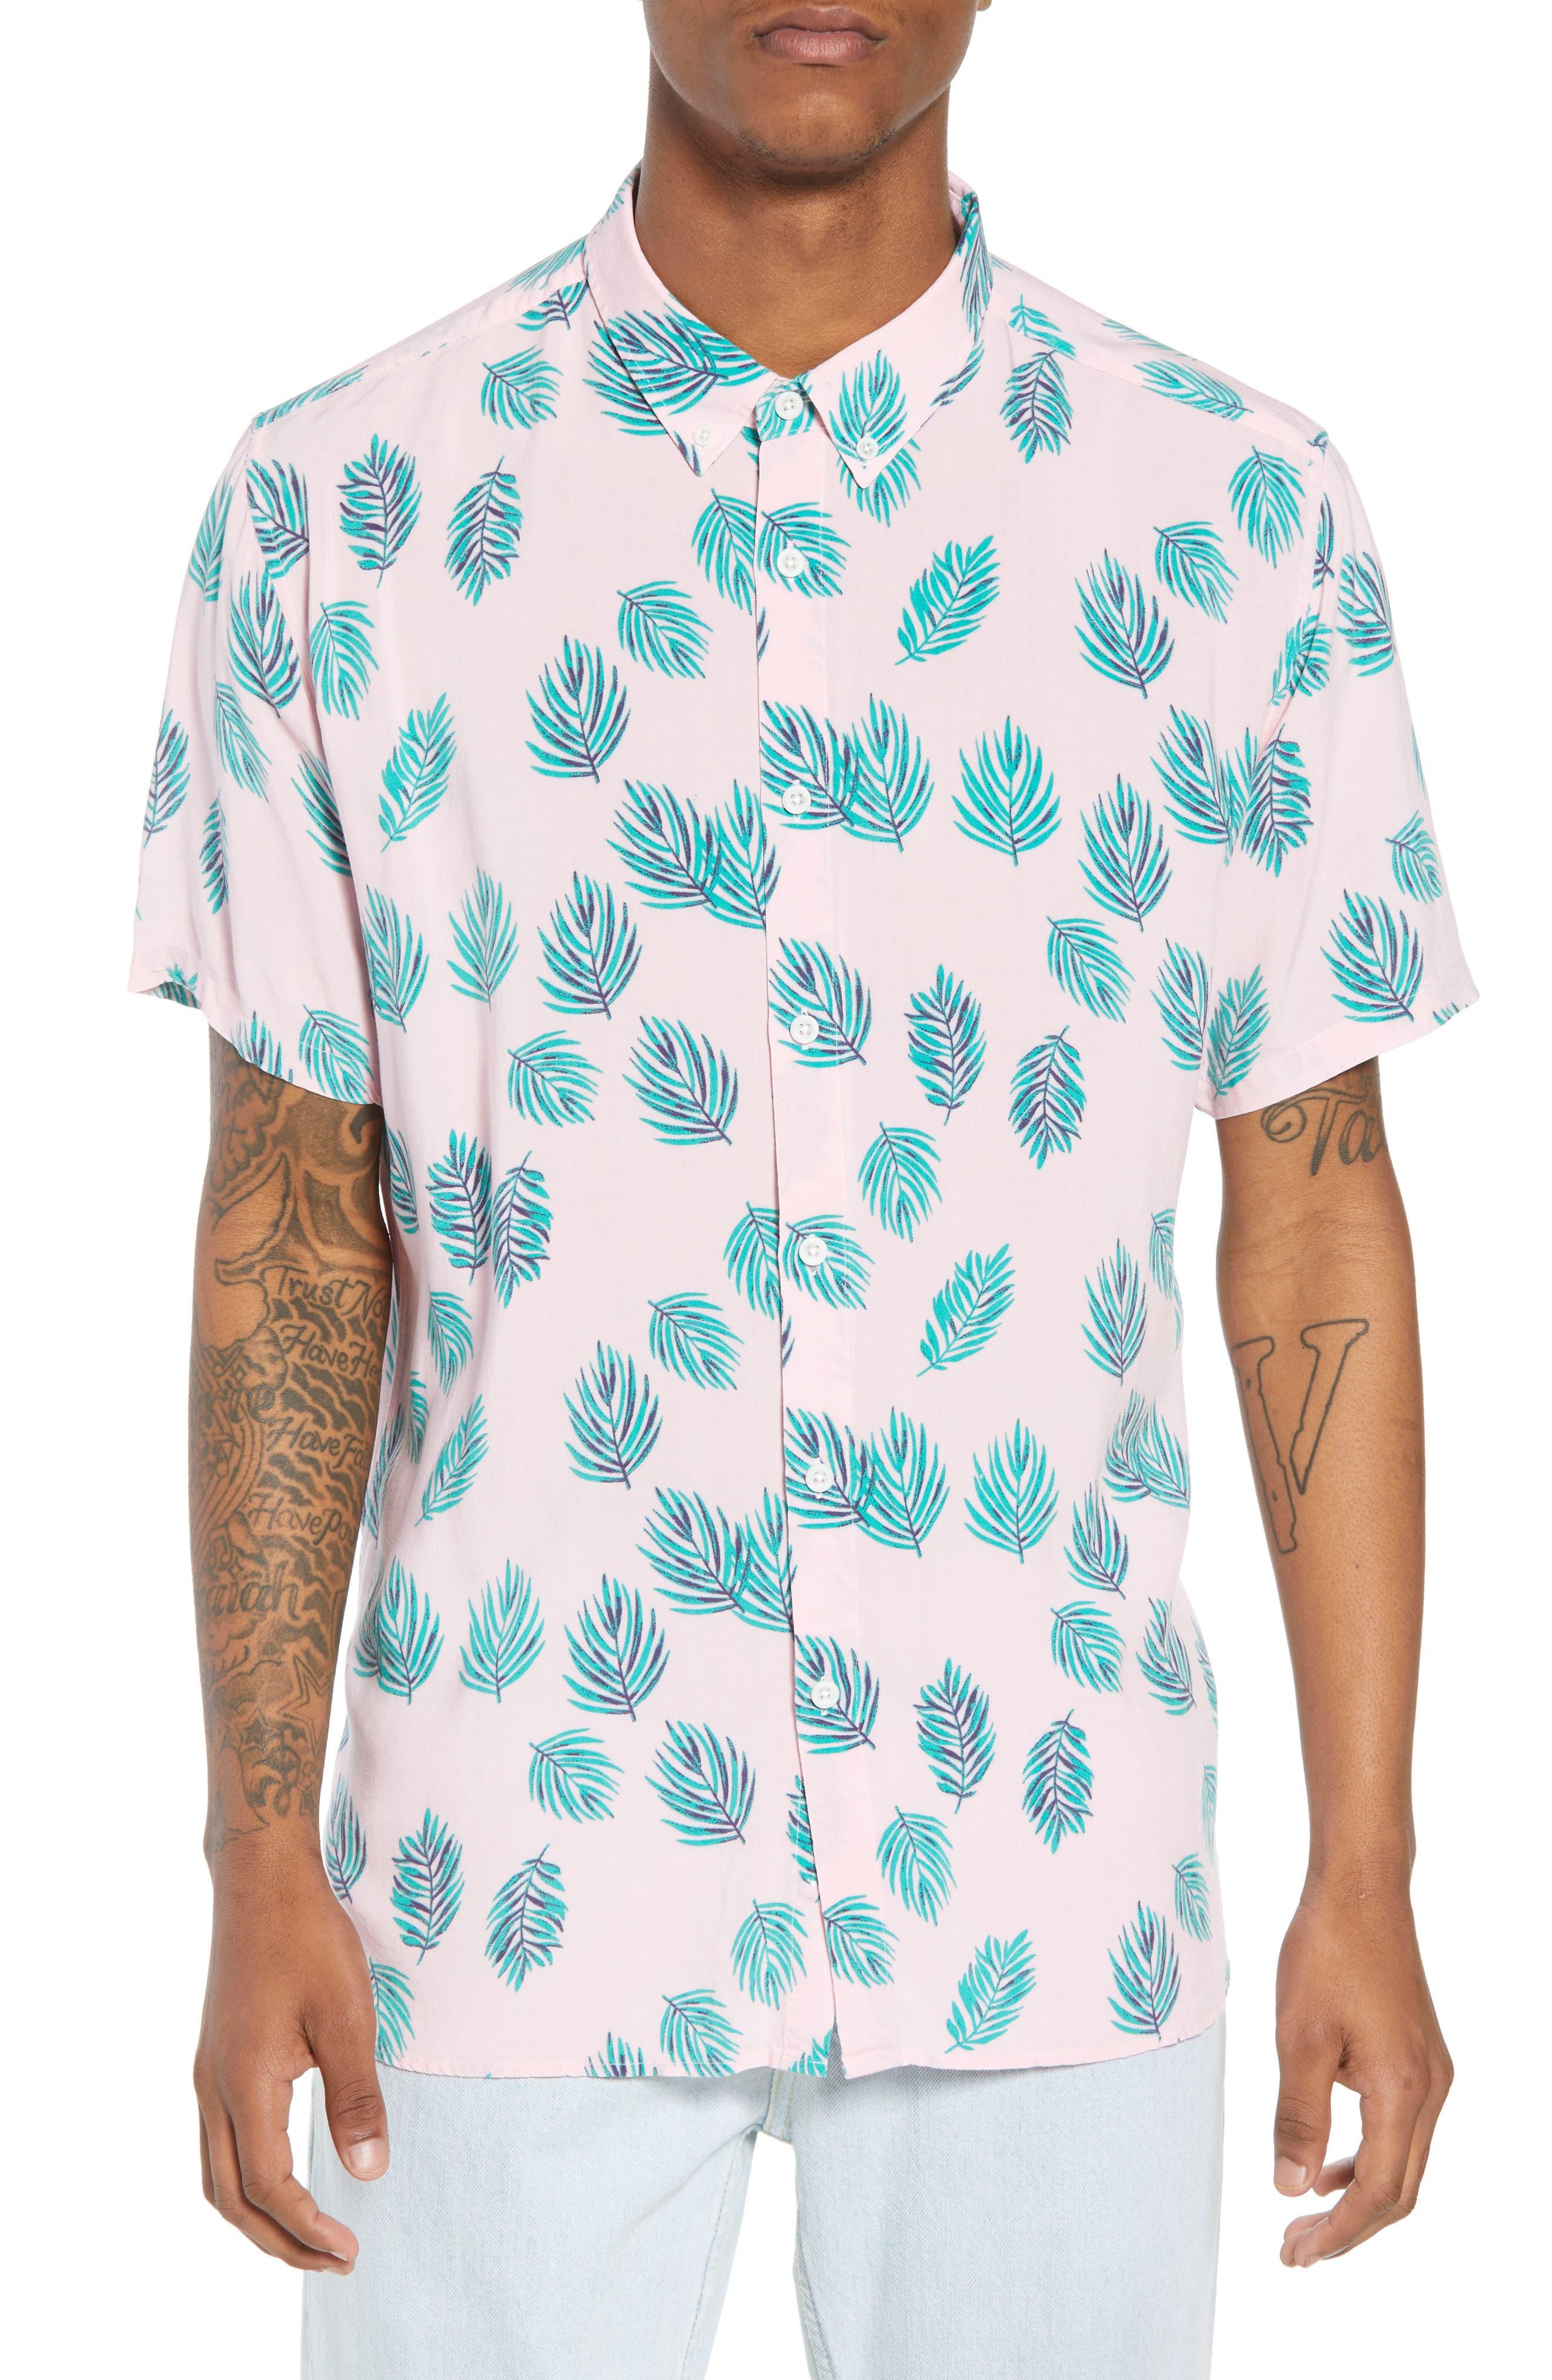 Holiday Woven Shirt,                             Main thumbnail 1, color,                             Pink Fern